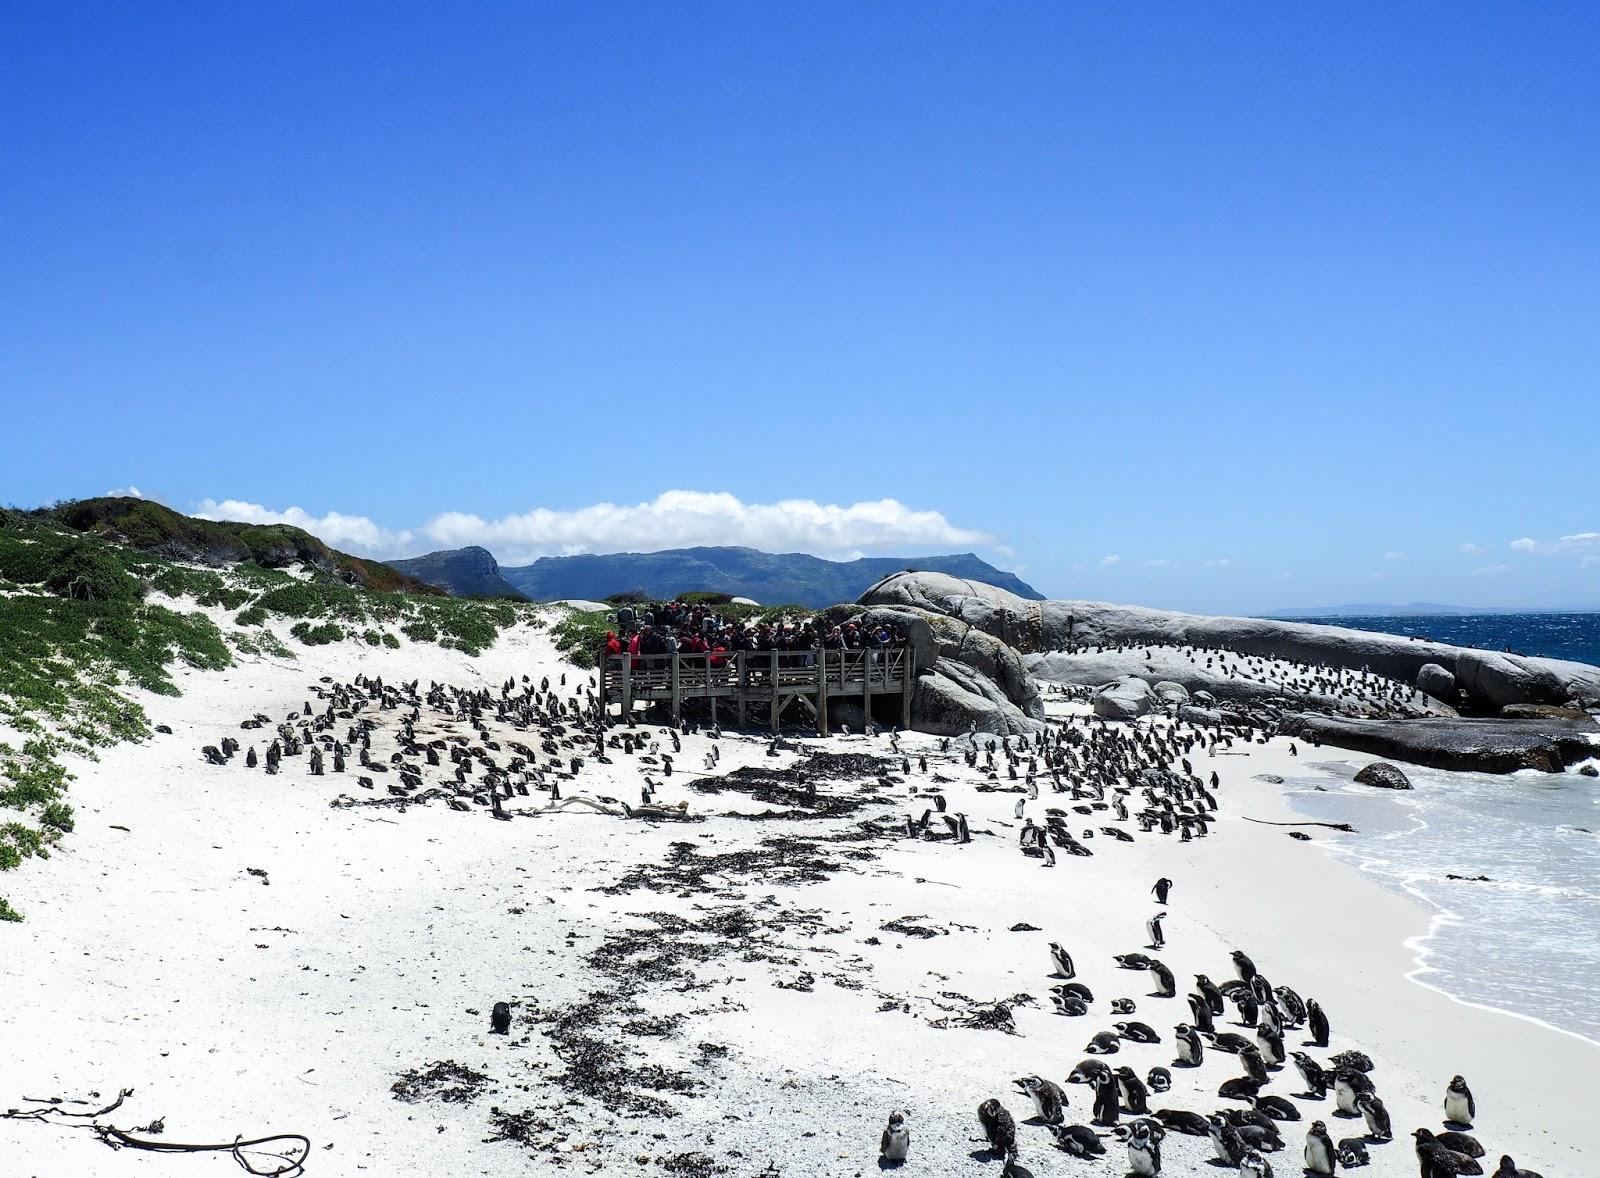 pingviini penguin kapkaupunki cape town etelä-afrikka south africa simon's town